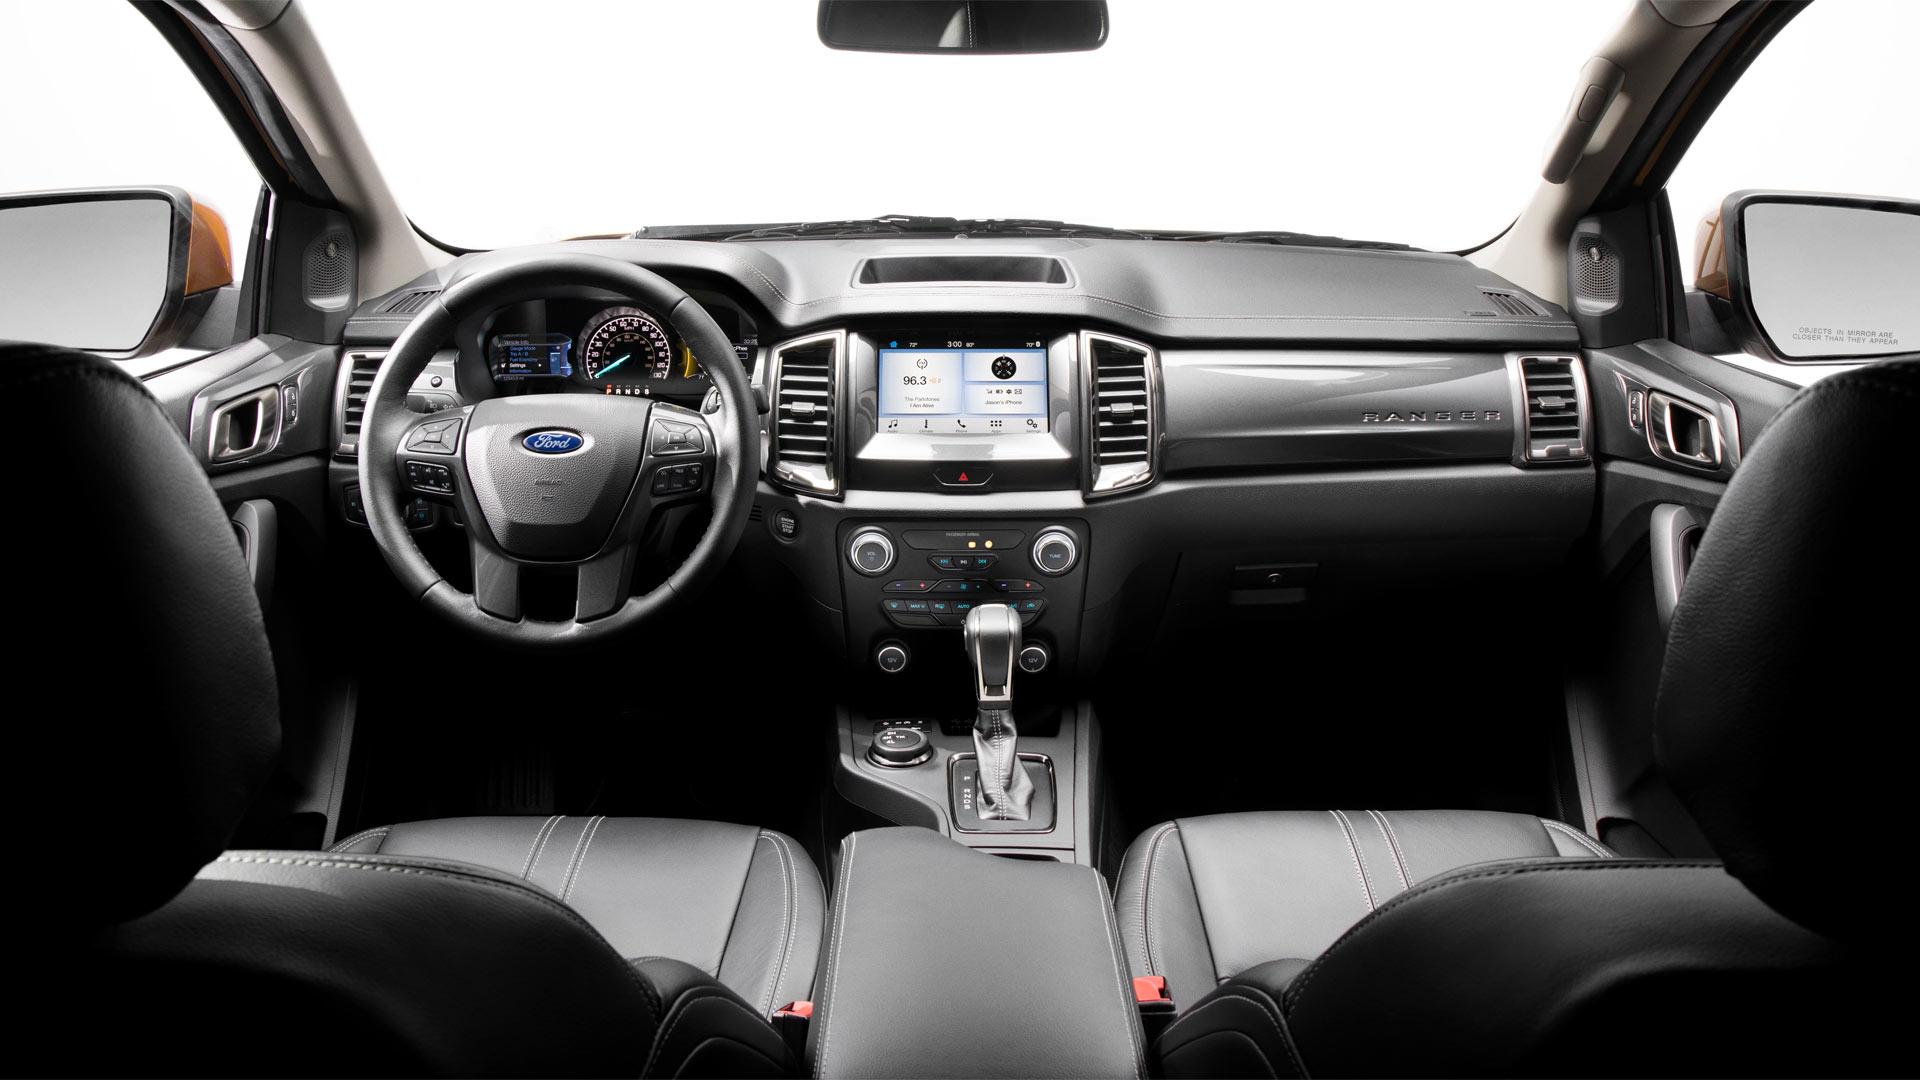 2019-Ford-Ranger-interior